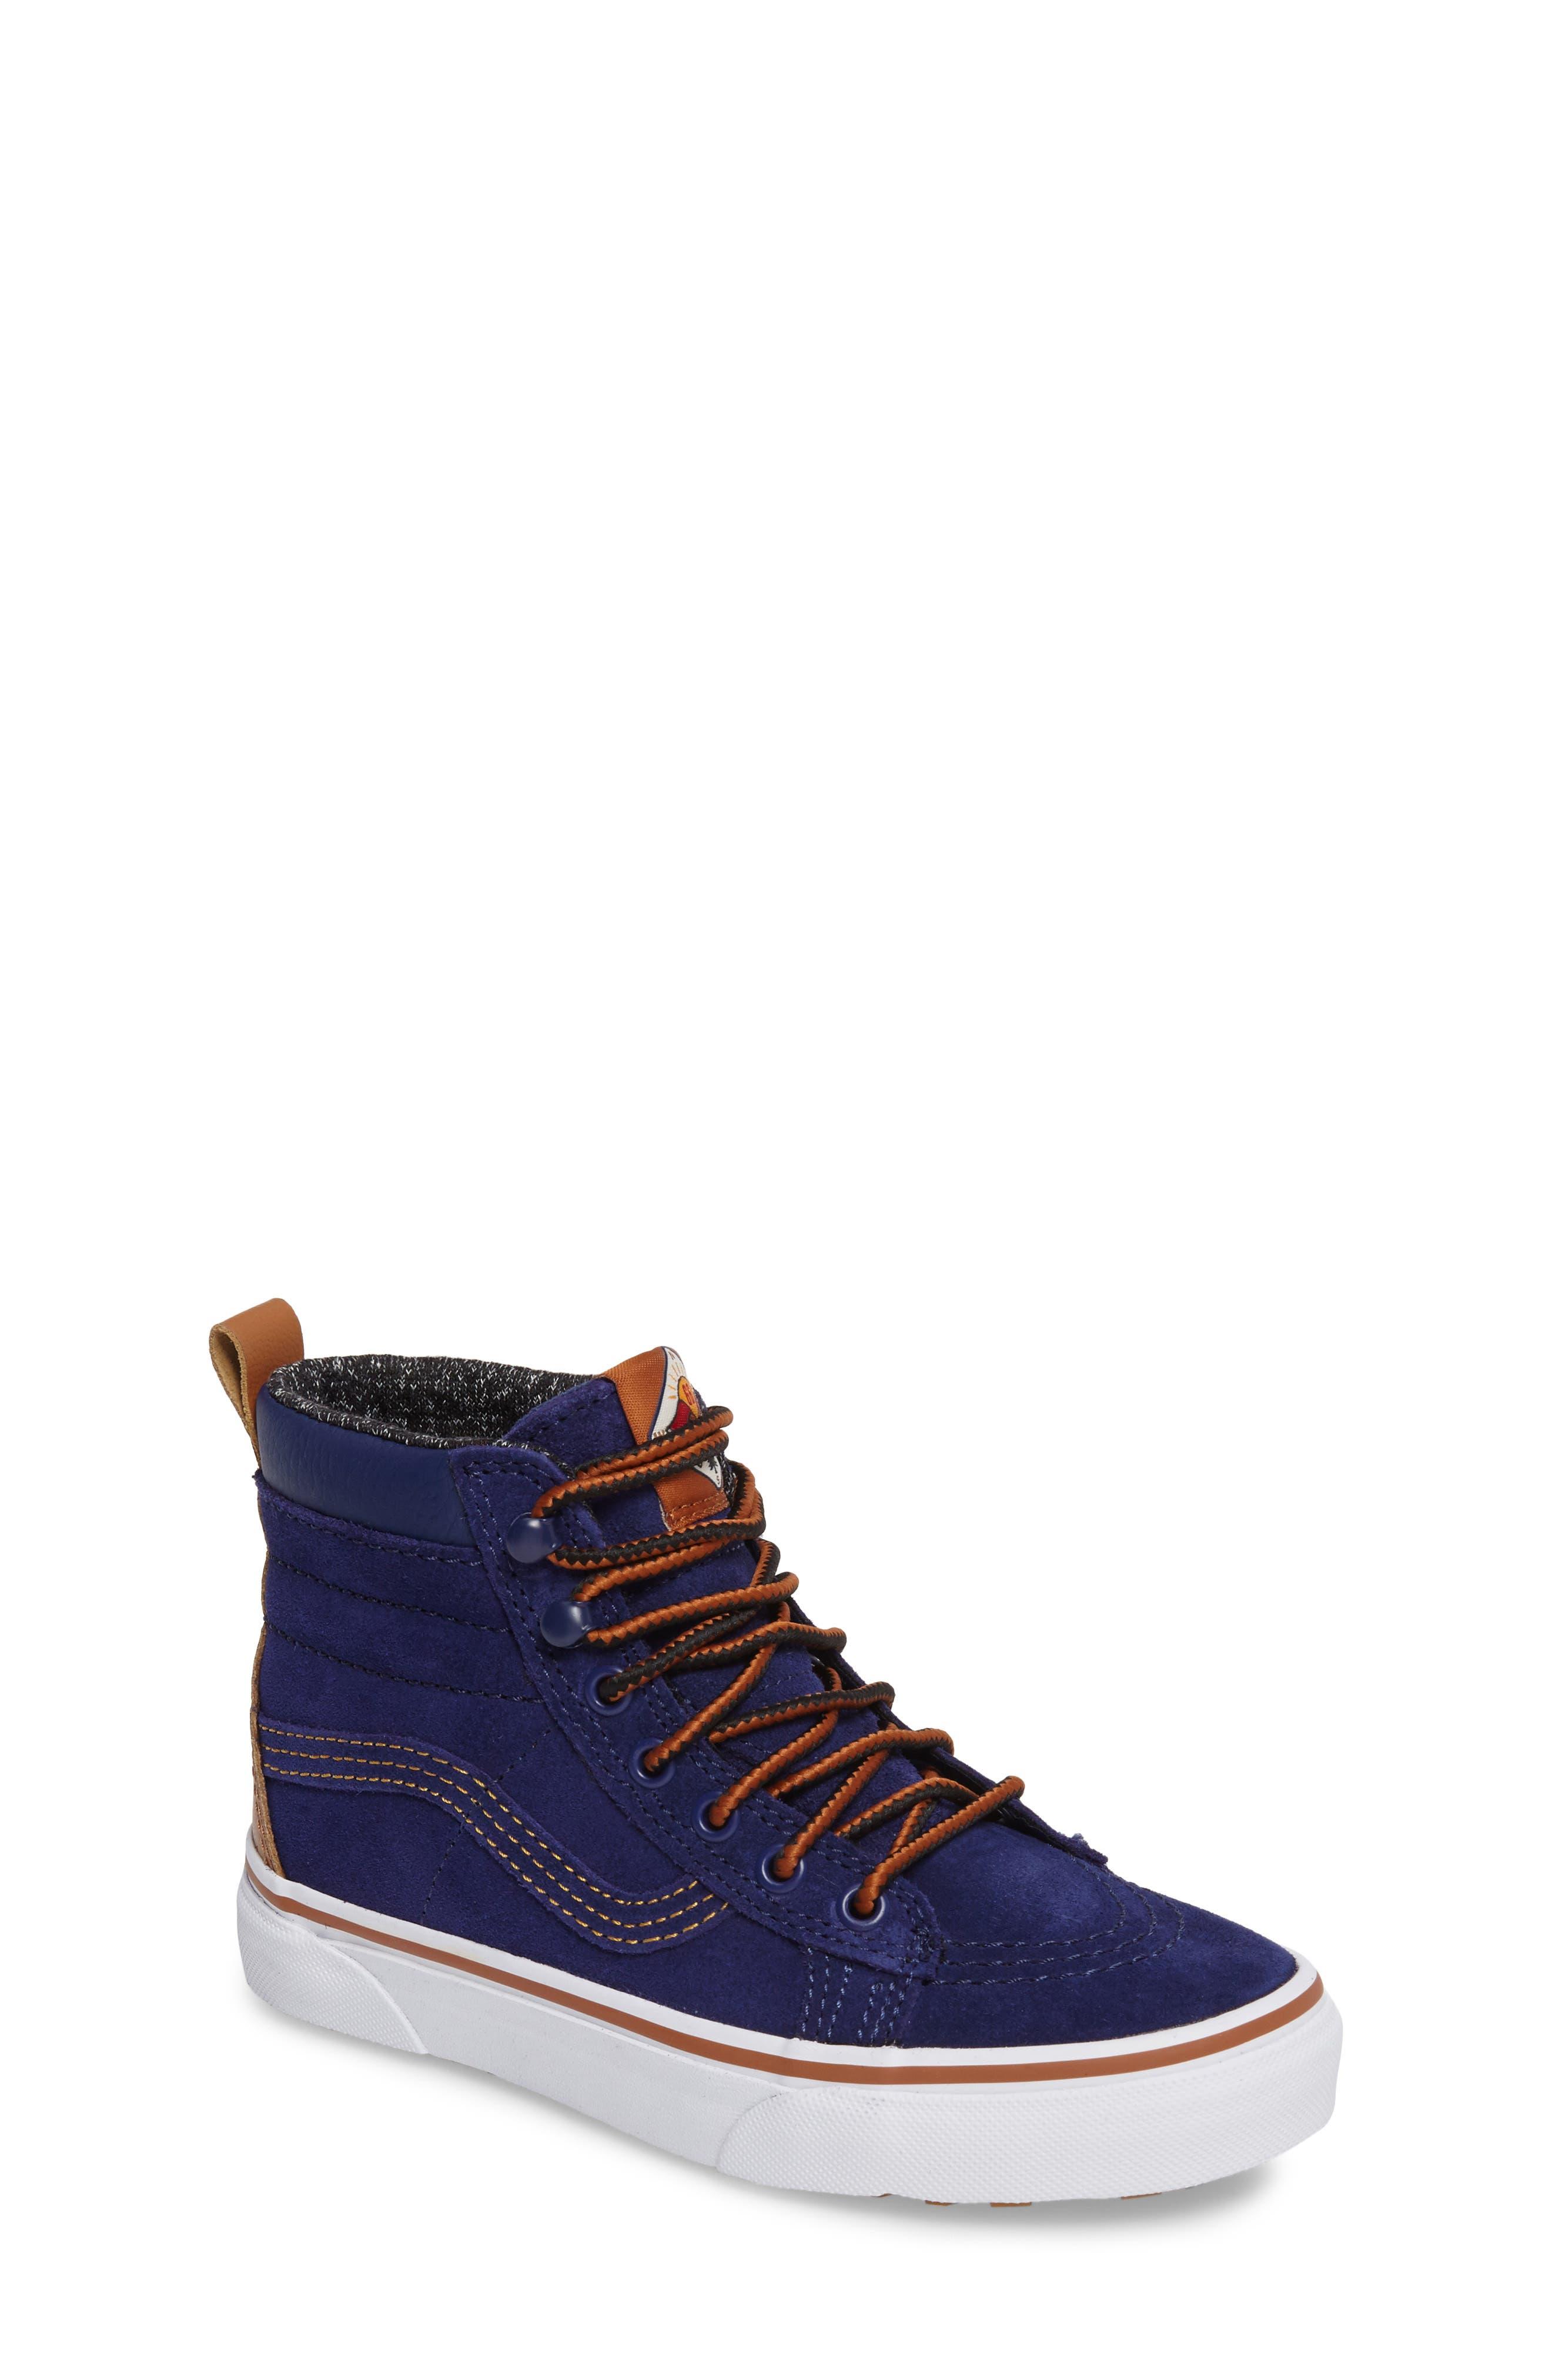 SK8-Hi Sneaker,                         Main,                         color, Blue Depths Metallic